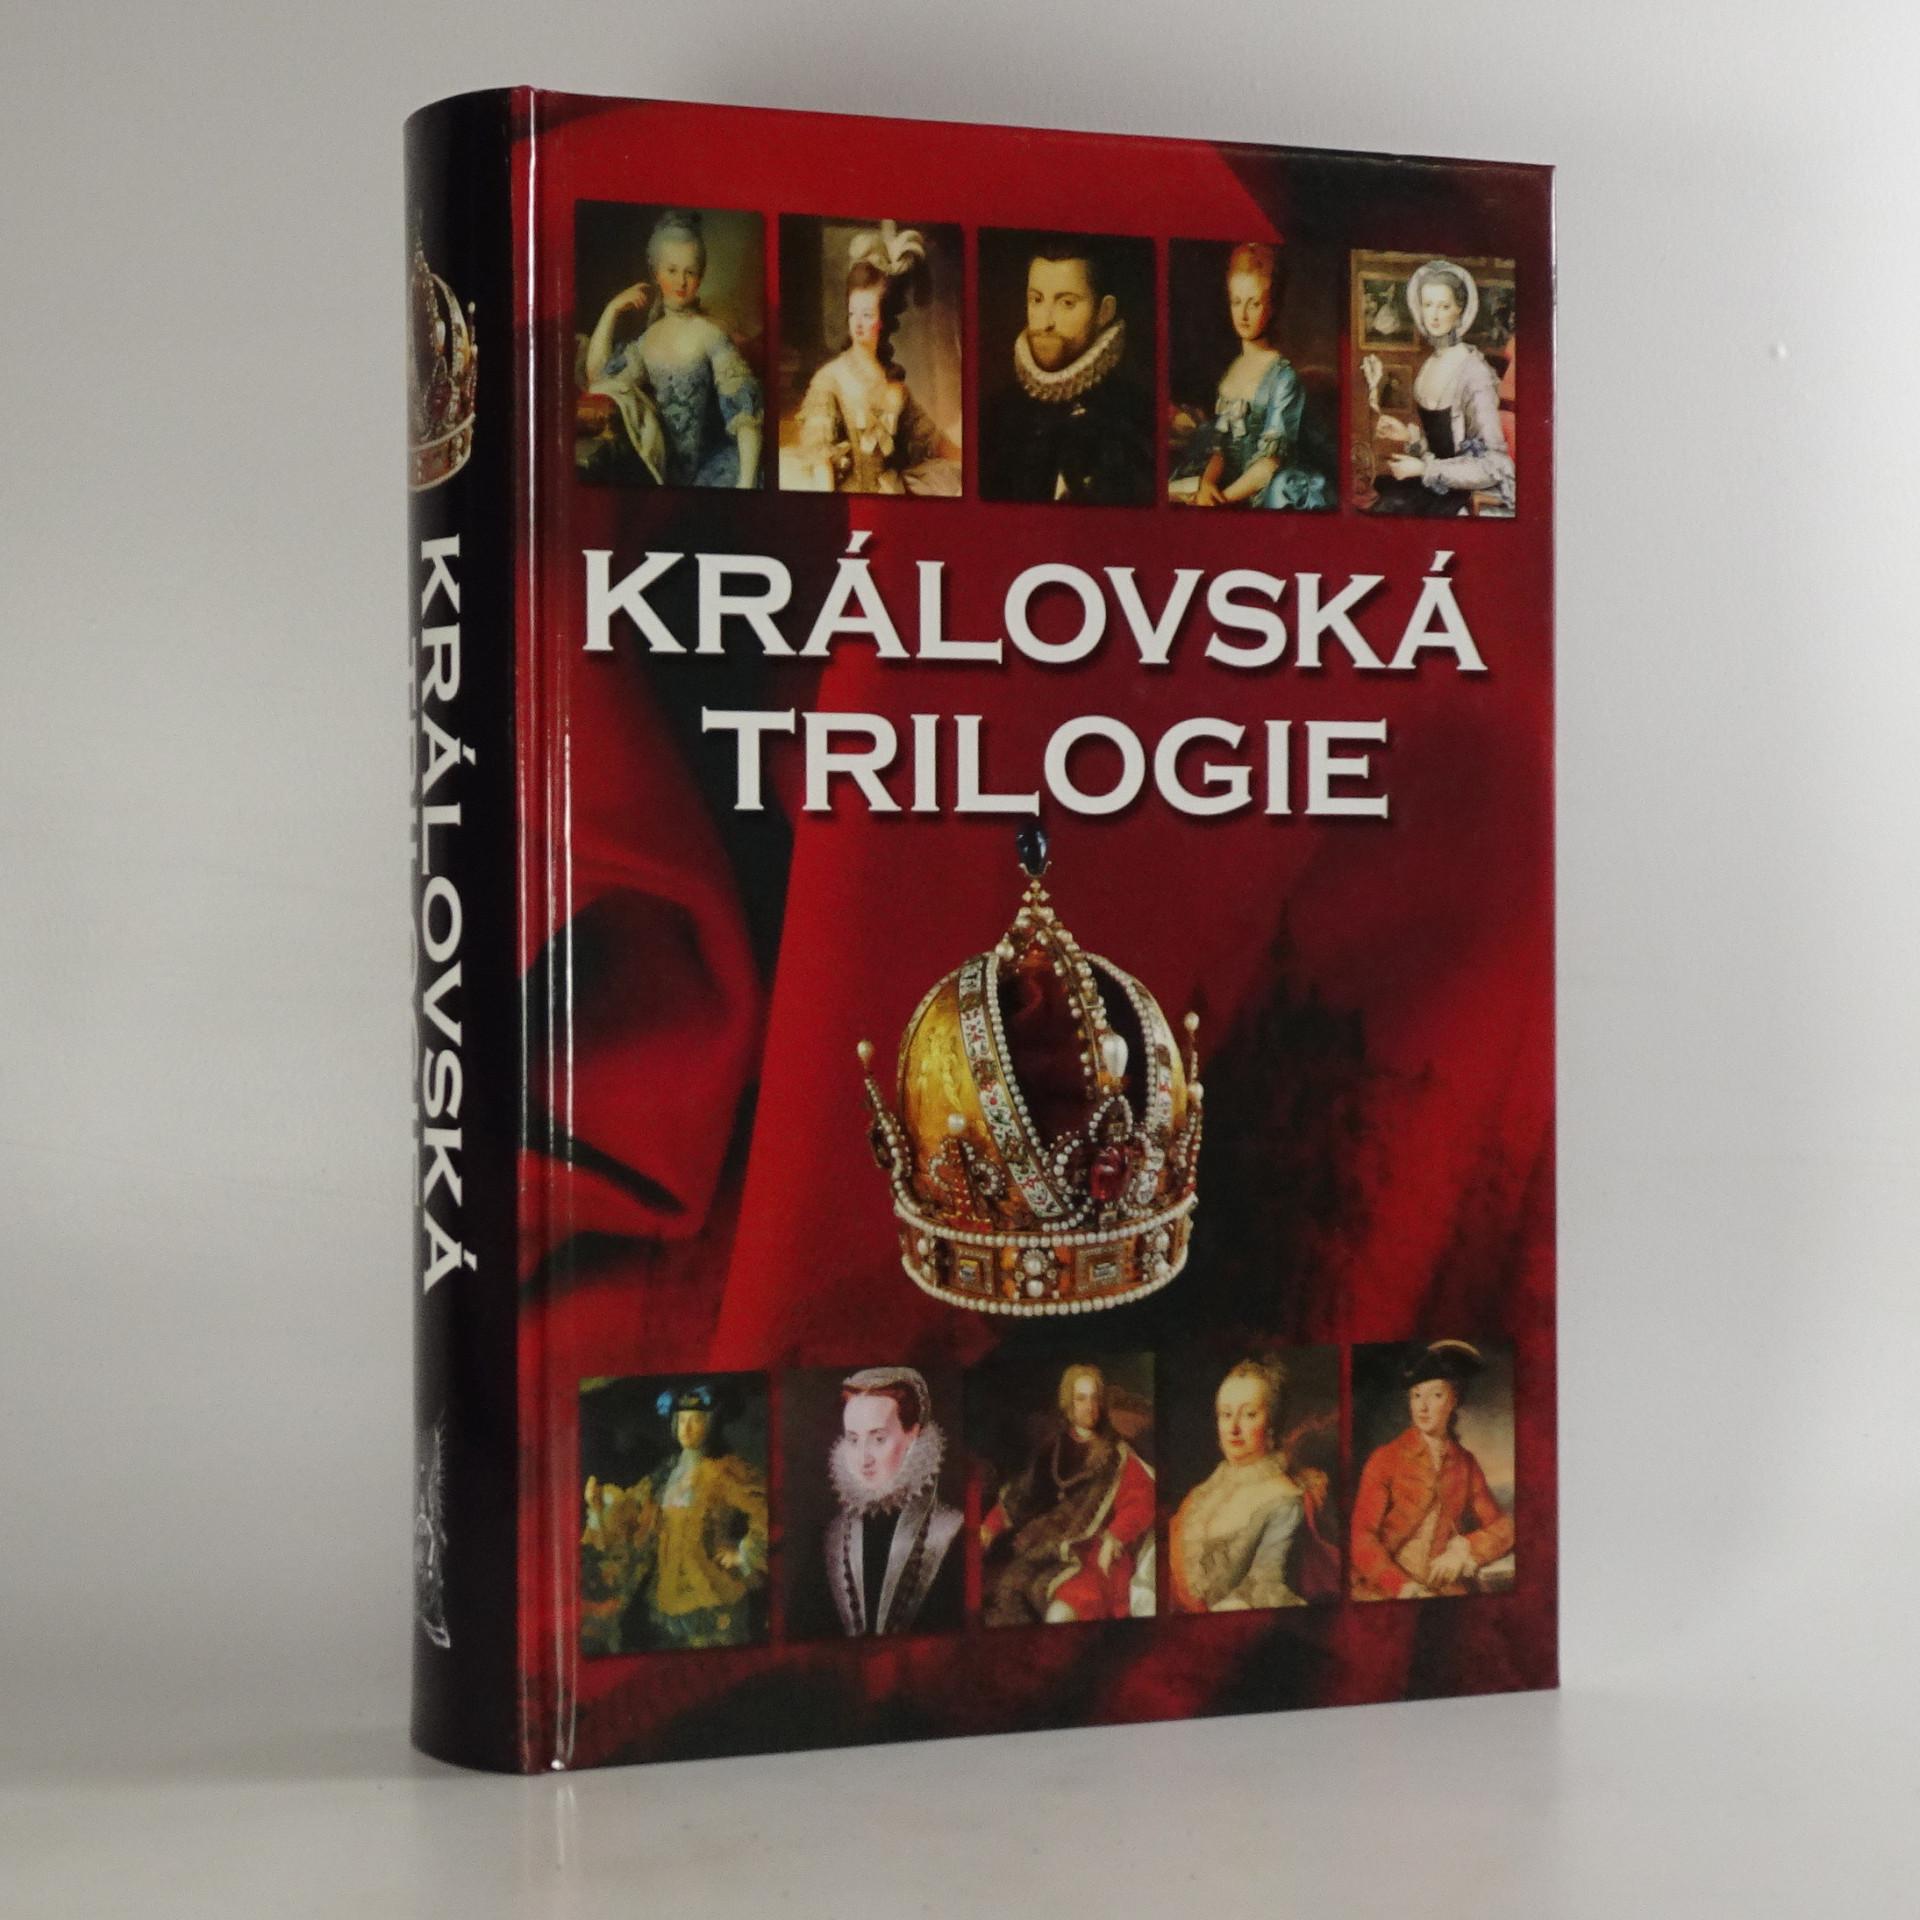 antikvární kniha Královská trilogie, 2008